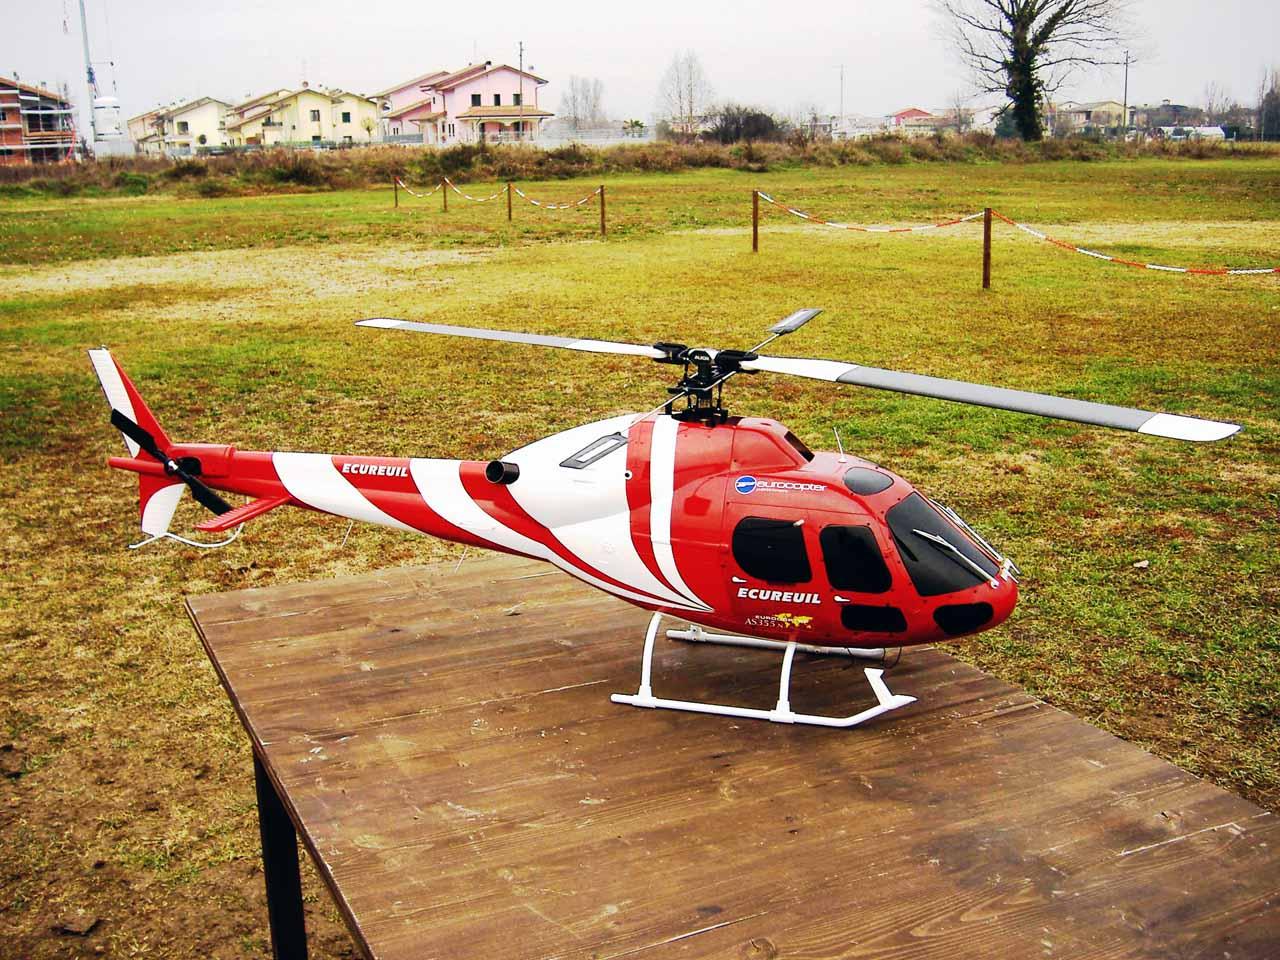 Elicottero T Rex 500 : T rex in fusoliera bellissimo baronerosso